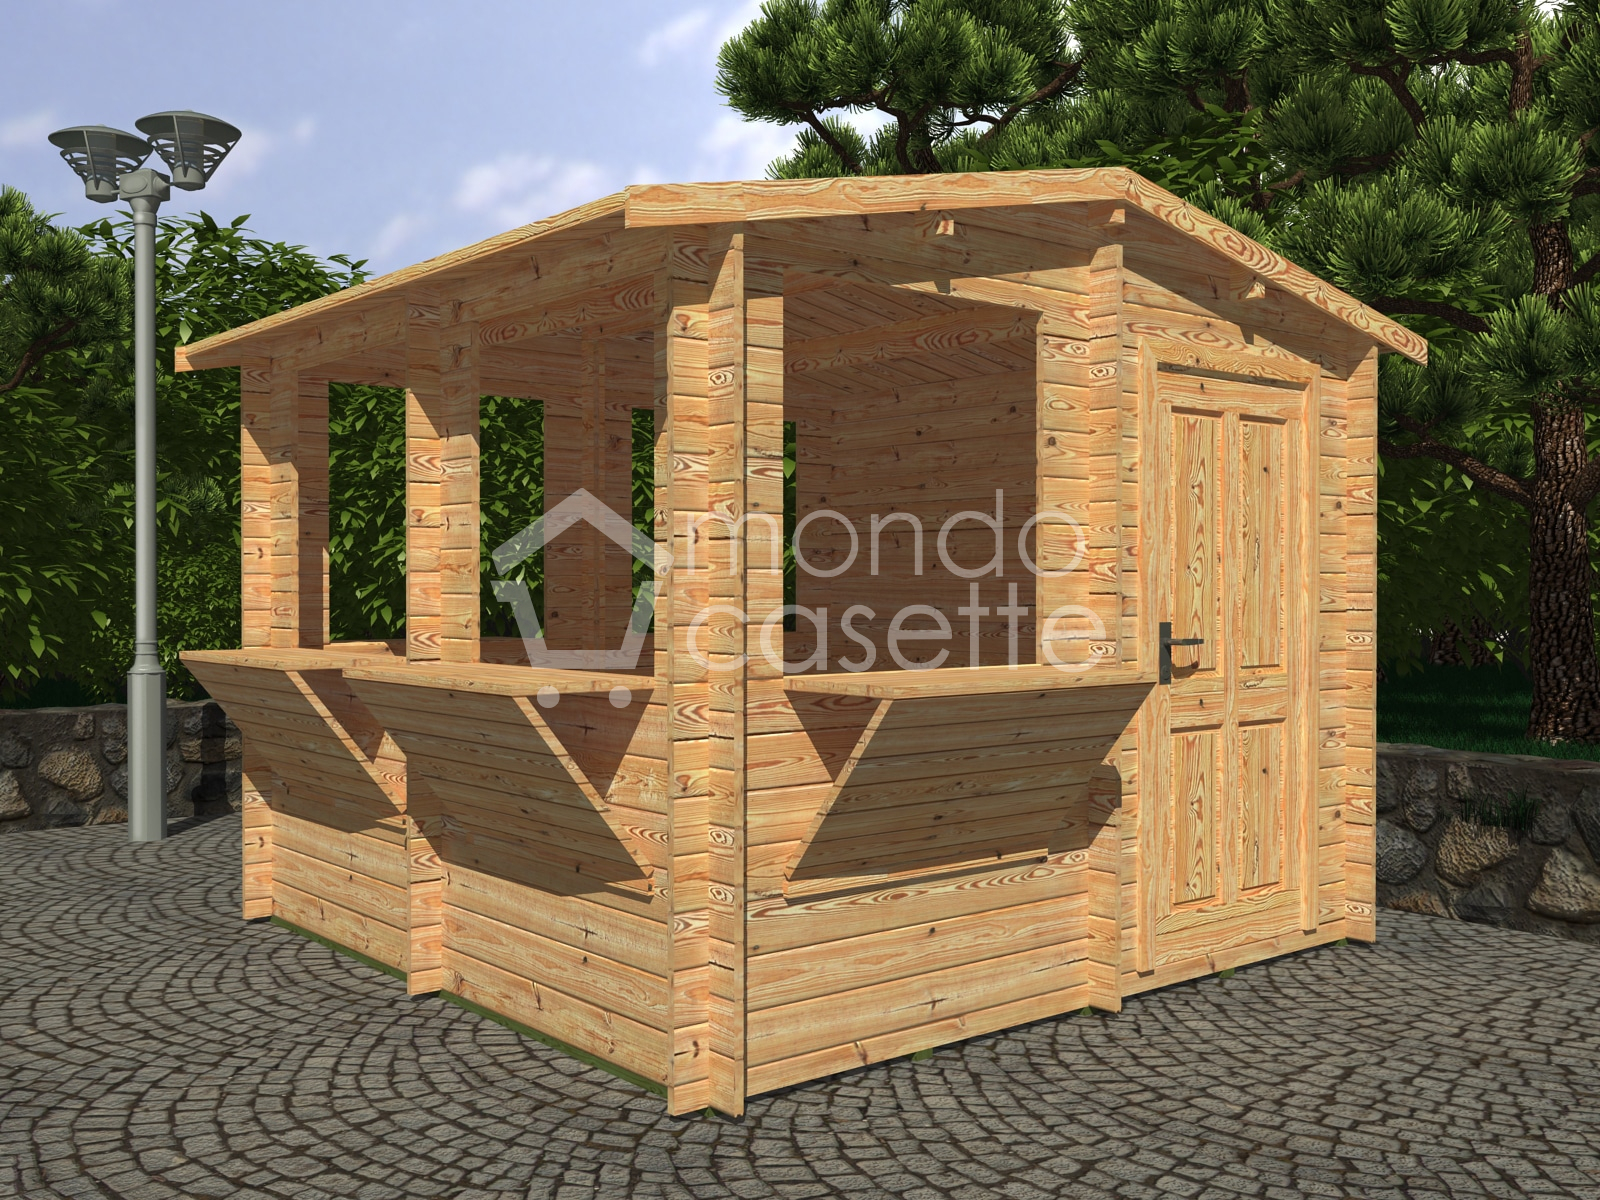 PRONTA CONSEGNA! - Casetta in legno Chiosco - 3x3 - pareti da 28 mm